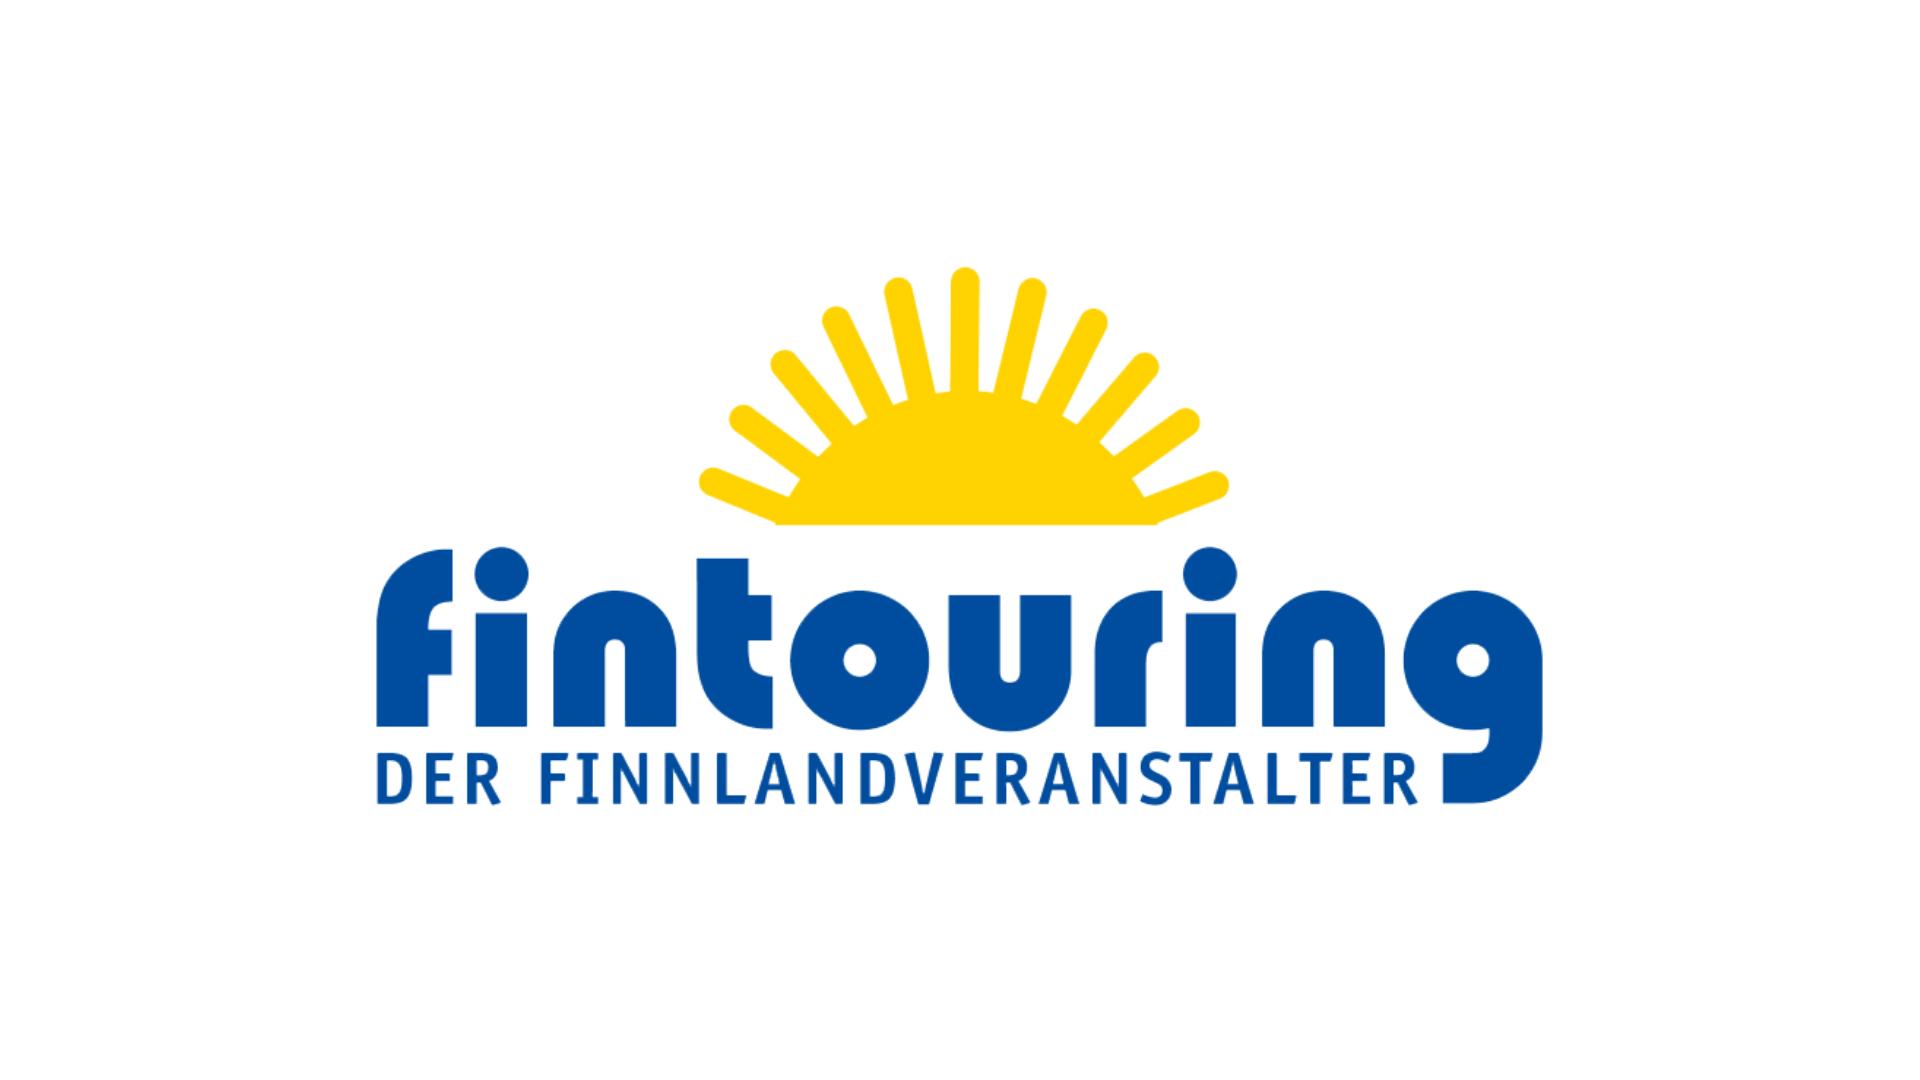 fintouring-logo-w